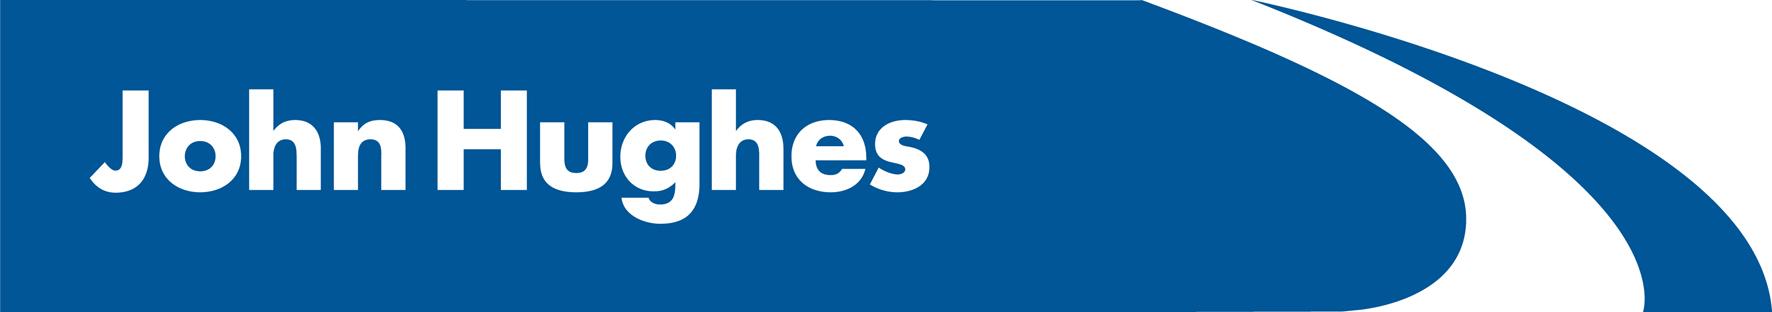 JohnHughes_Logo